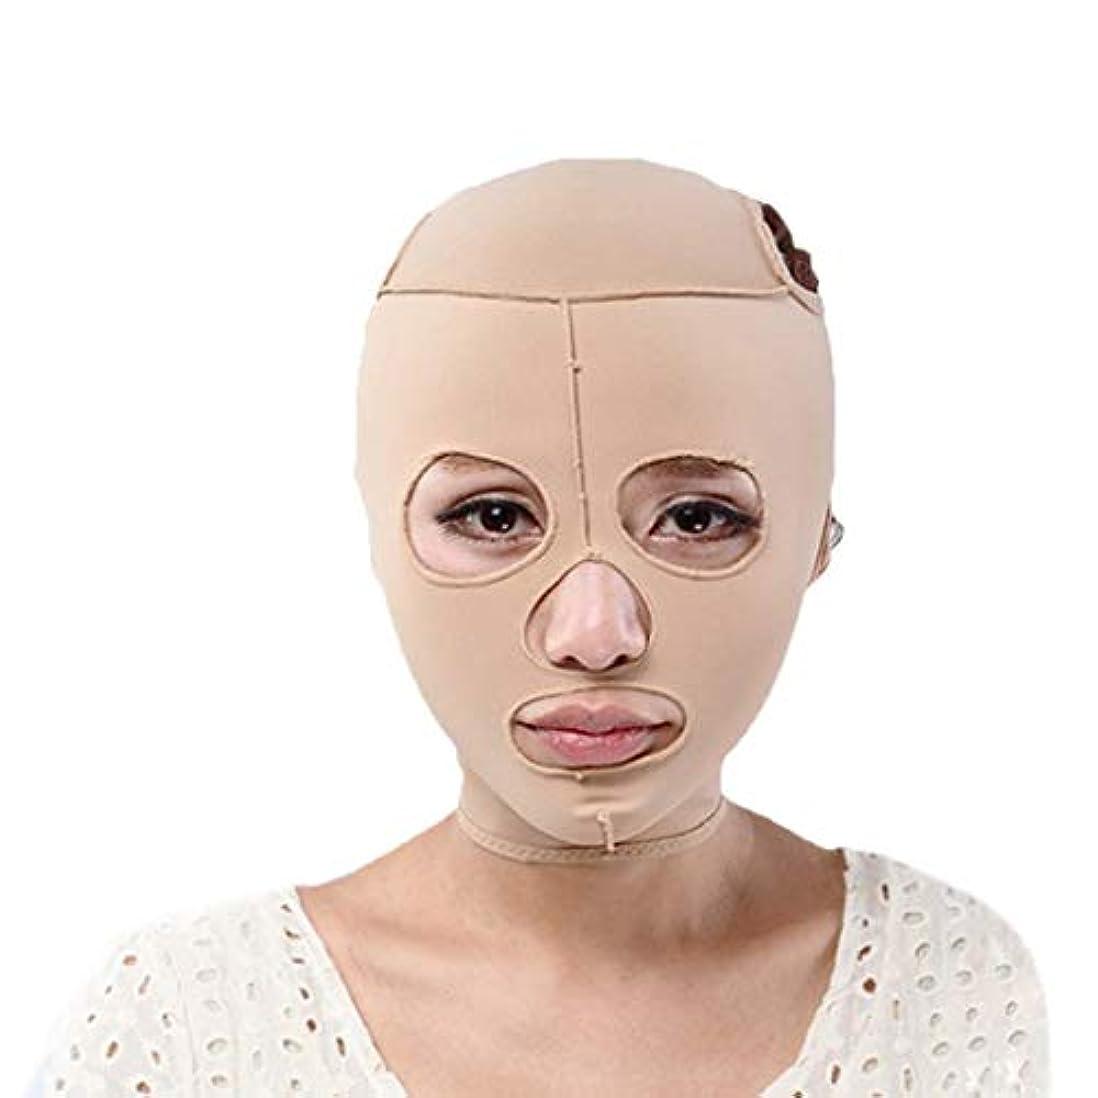 スペース電話ハードリングチンストラップ、顔の減量アンチシワマスク、快適な通気性マスク付きオールインクルーシブフェイス、薄型フェイスマスクリフティング包帯引き締め(サイズ:S),XL